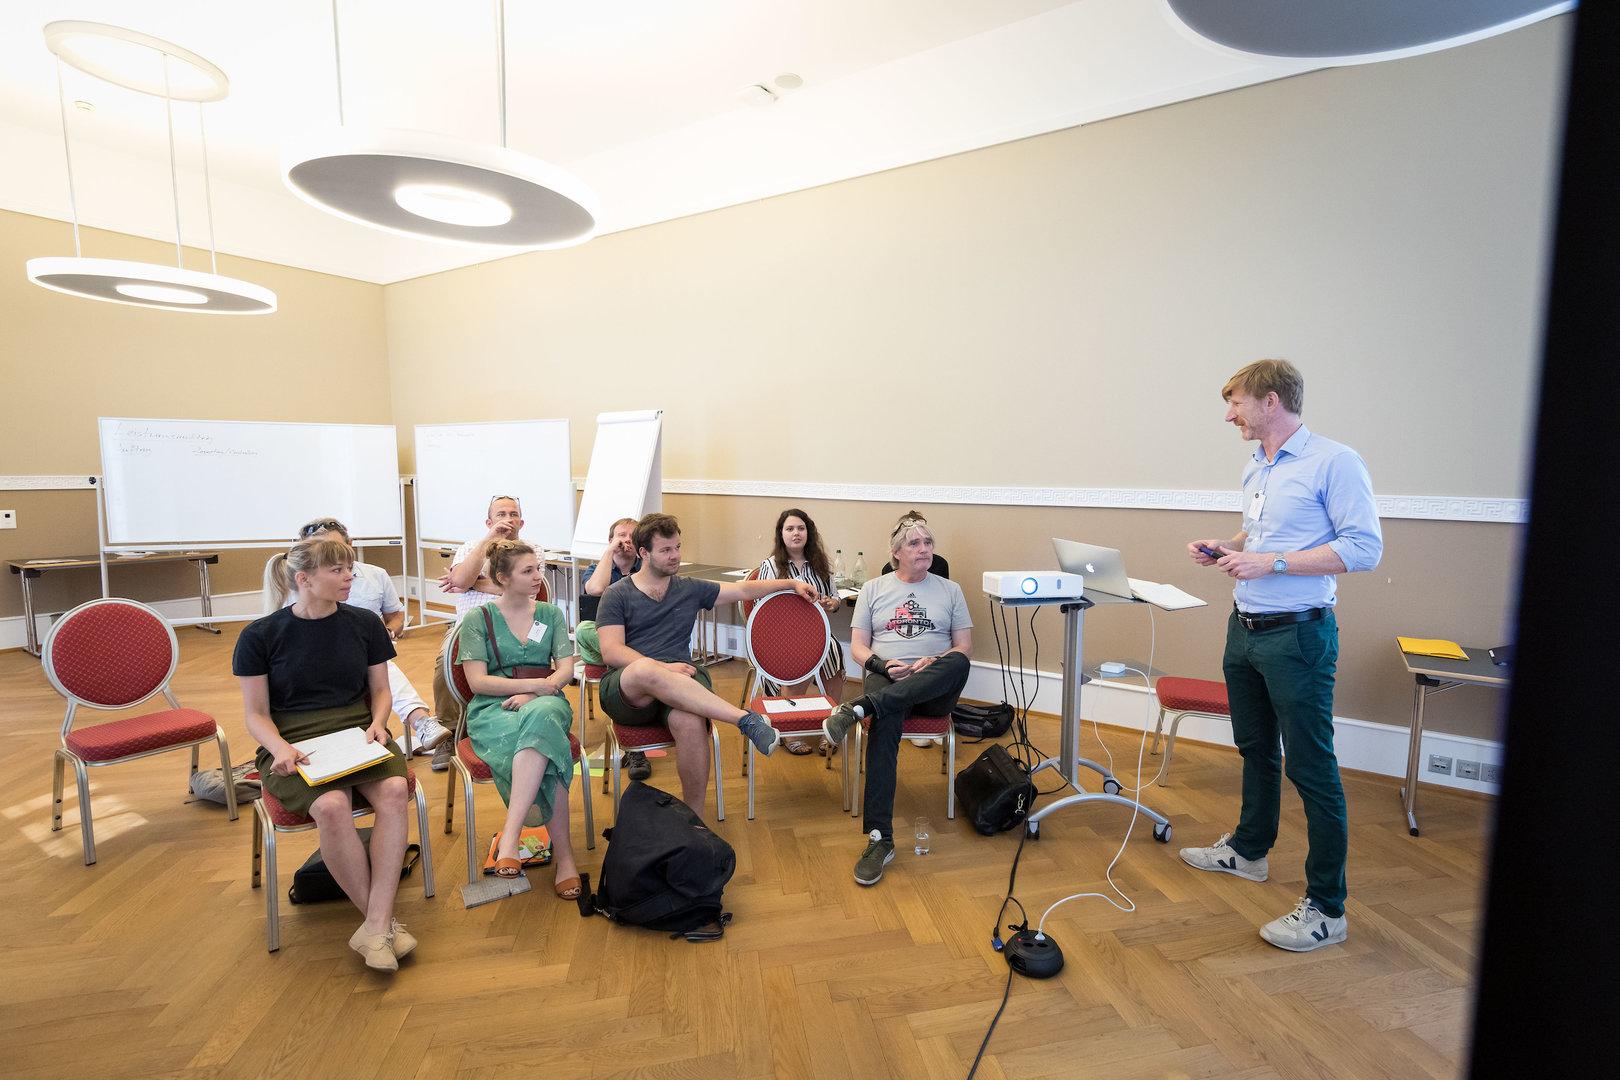 Philippe Anex, Coach und Organisationsberater, beginnt seinen Workshop.